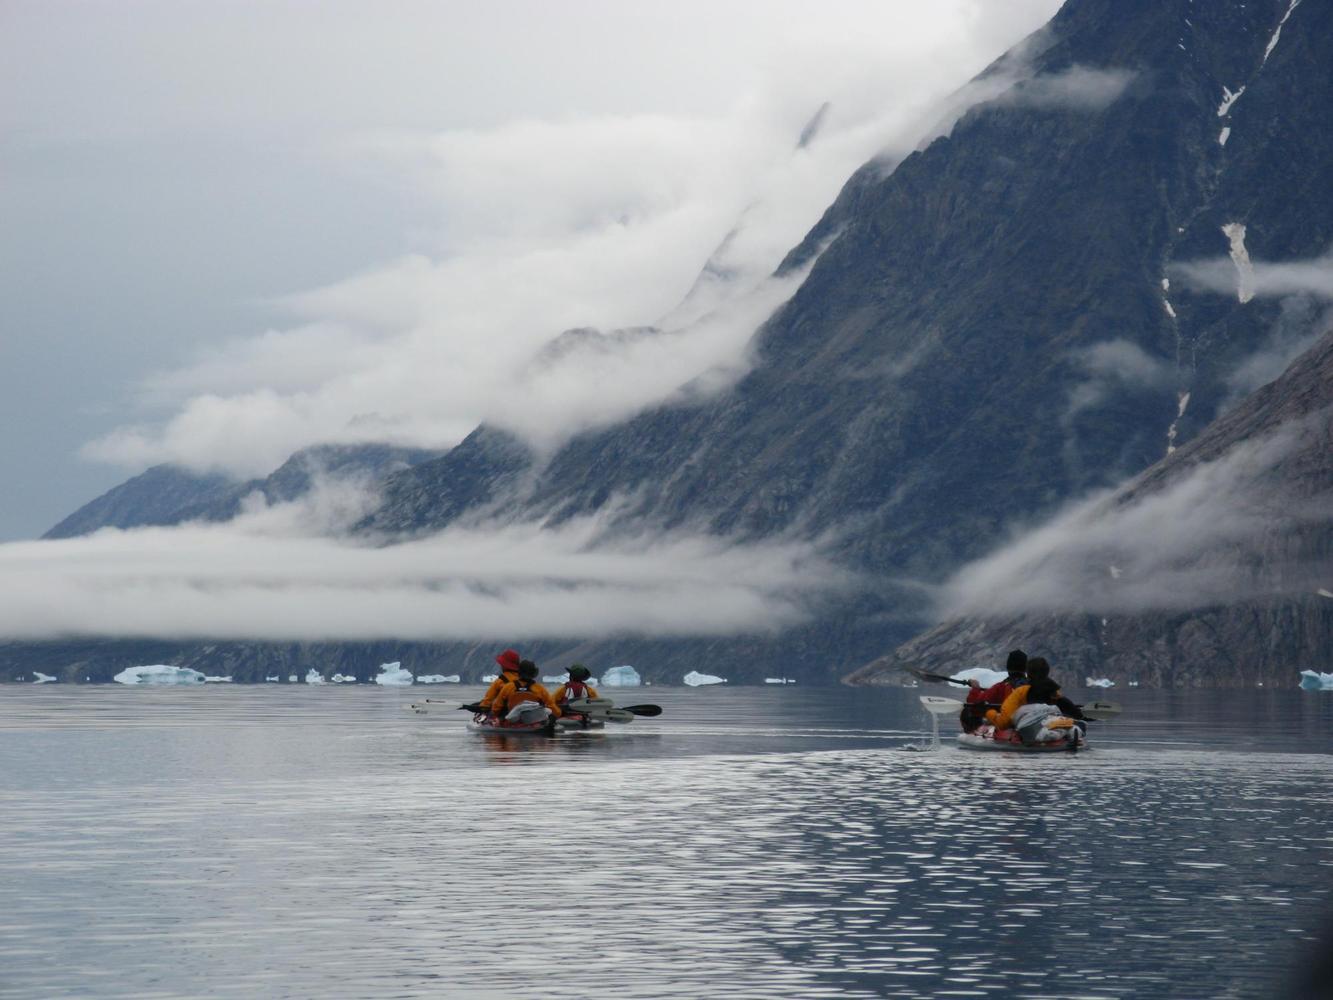 Groenland Scoresbysund 2009 - Karavaniers 111